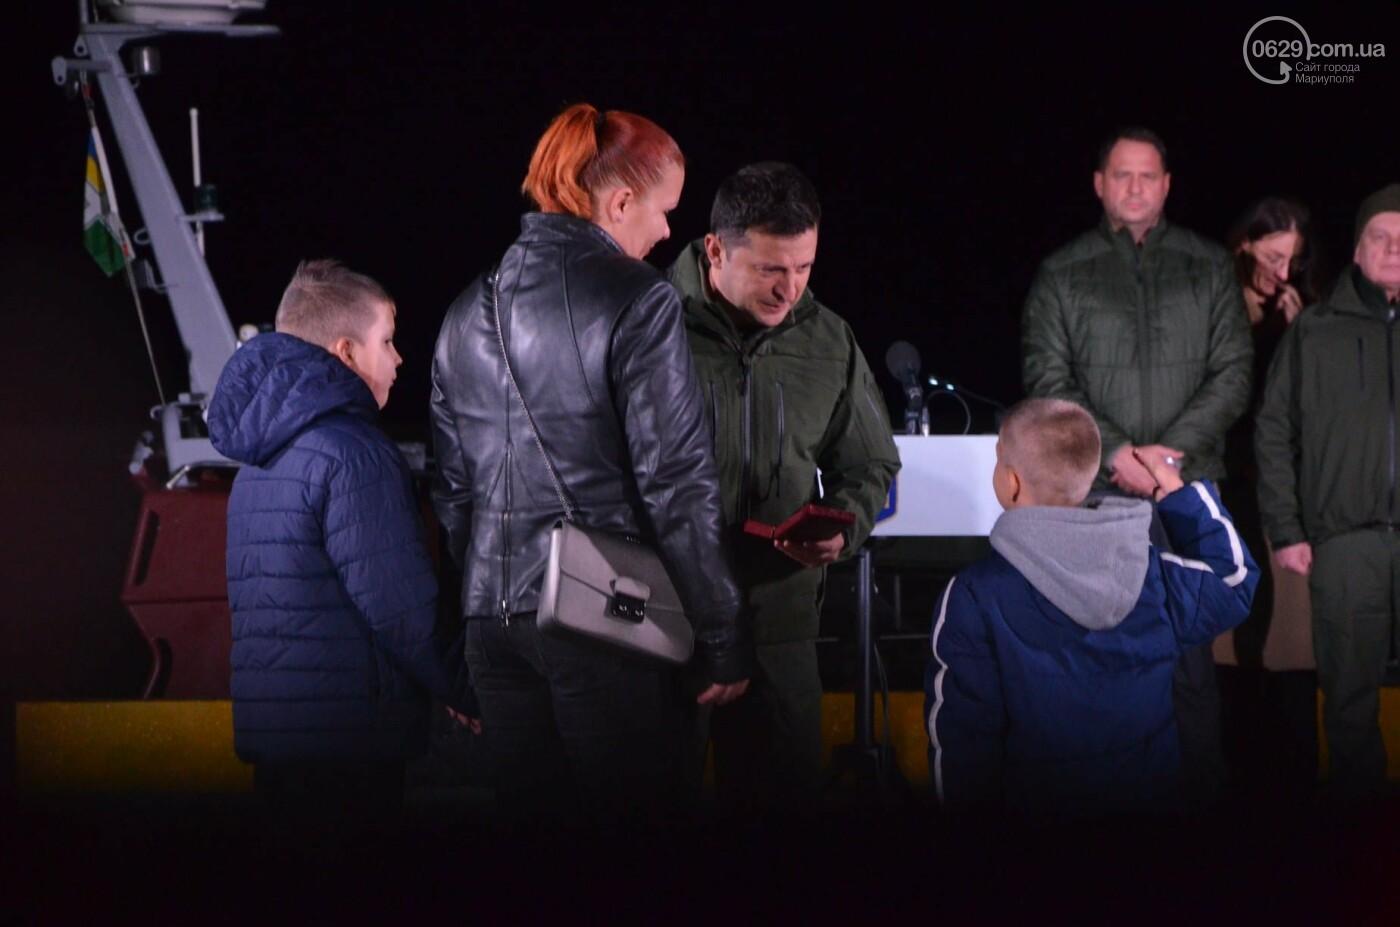 В Мариуполе Владимир Зеленский поздравил защитников и защитниц Украины,- ФОТО, ВИДЕО, фото-2